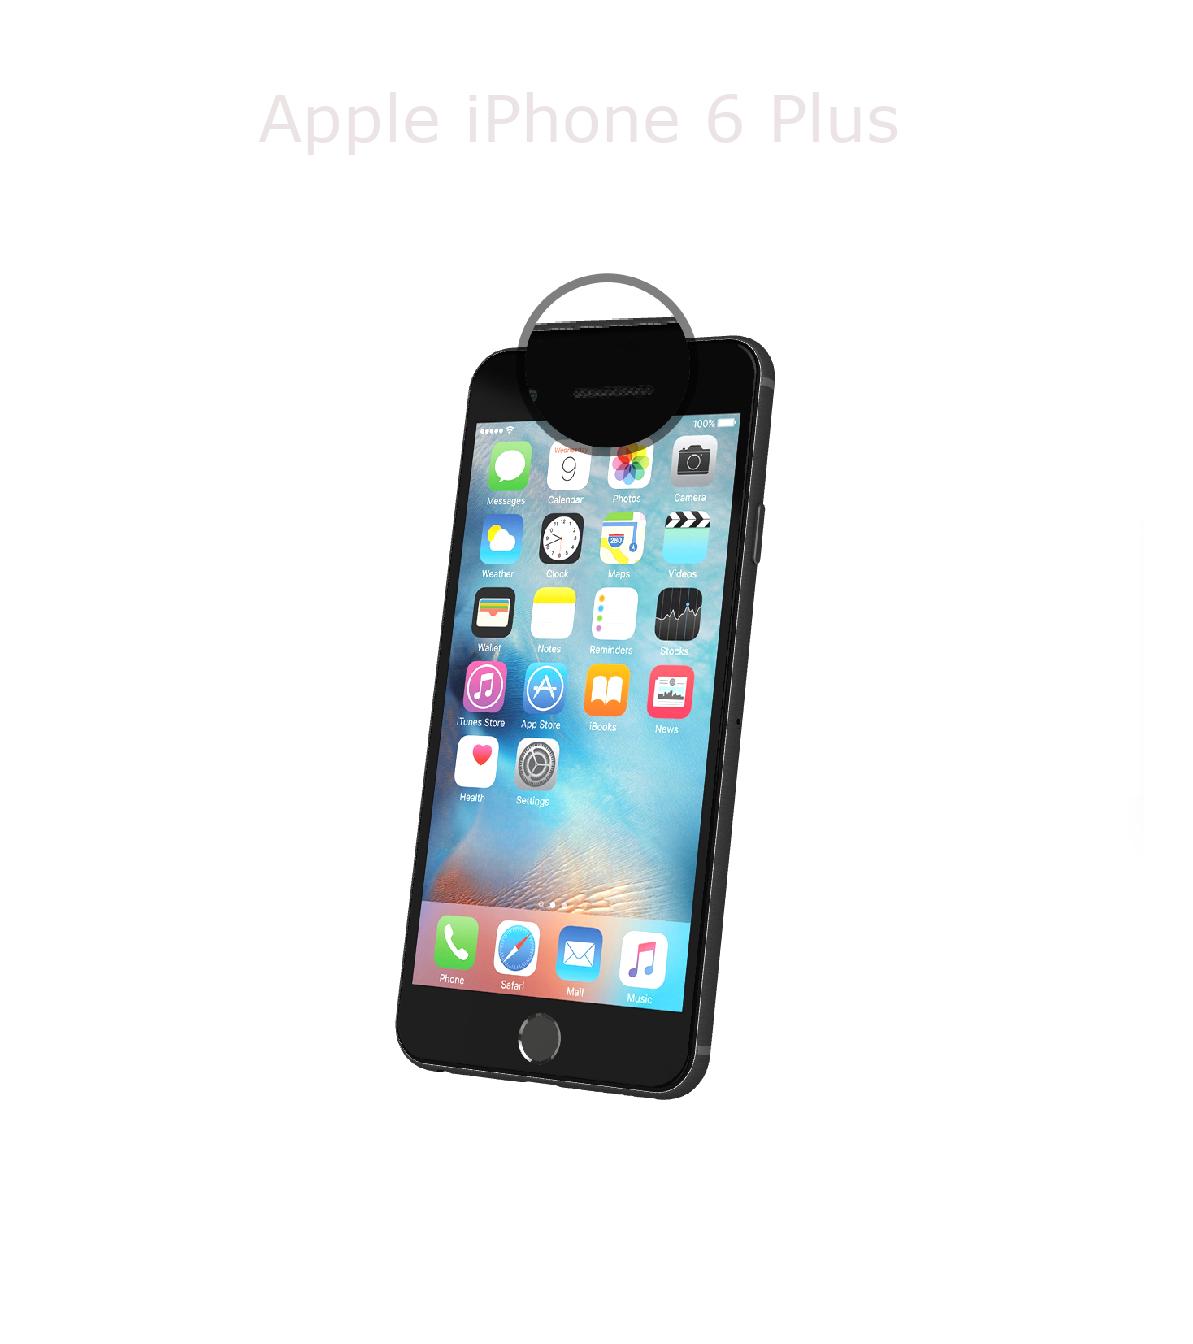 Laga samtalshögtalare iPhone 6 plus